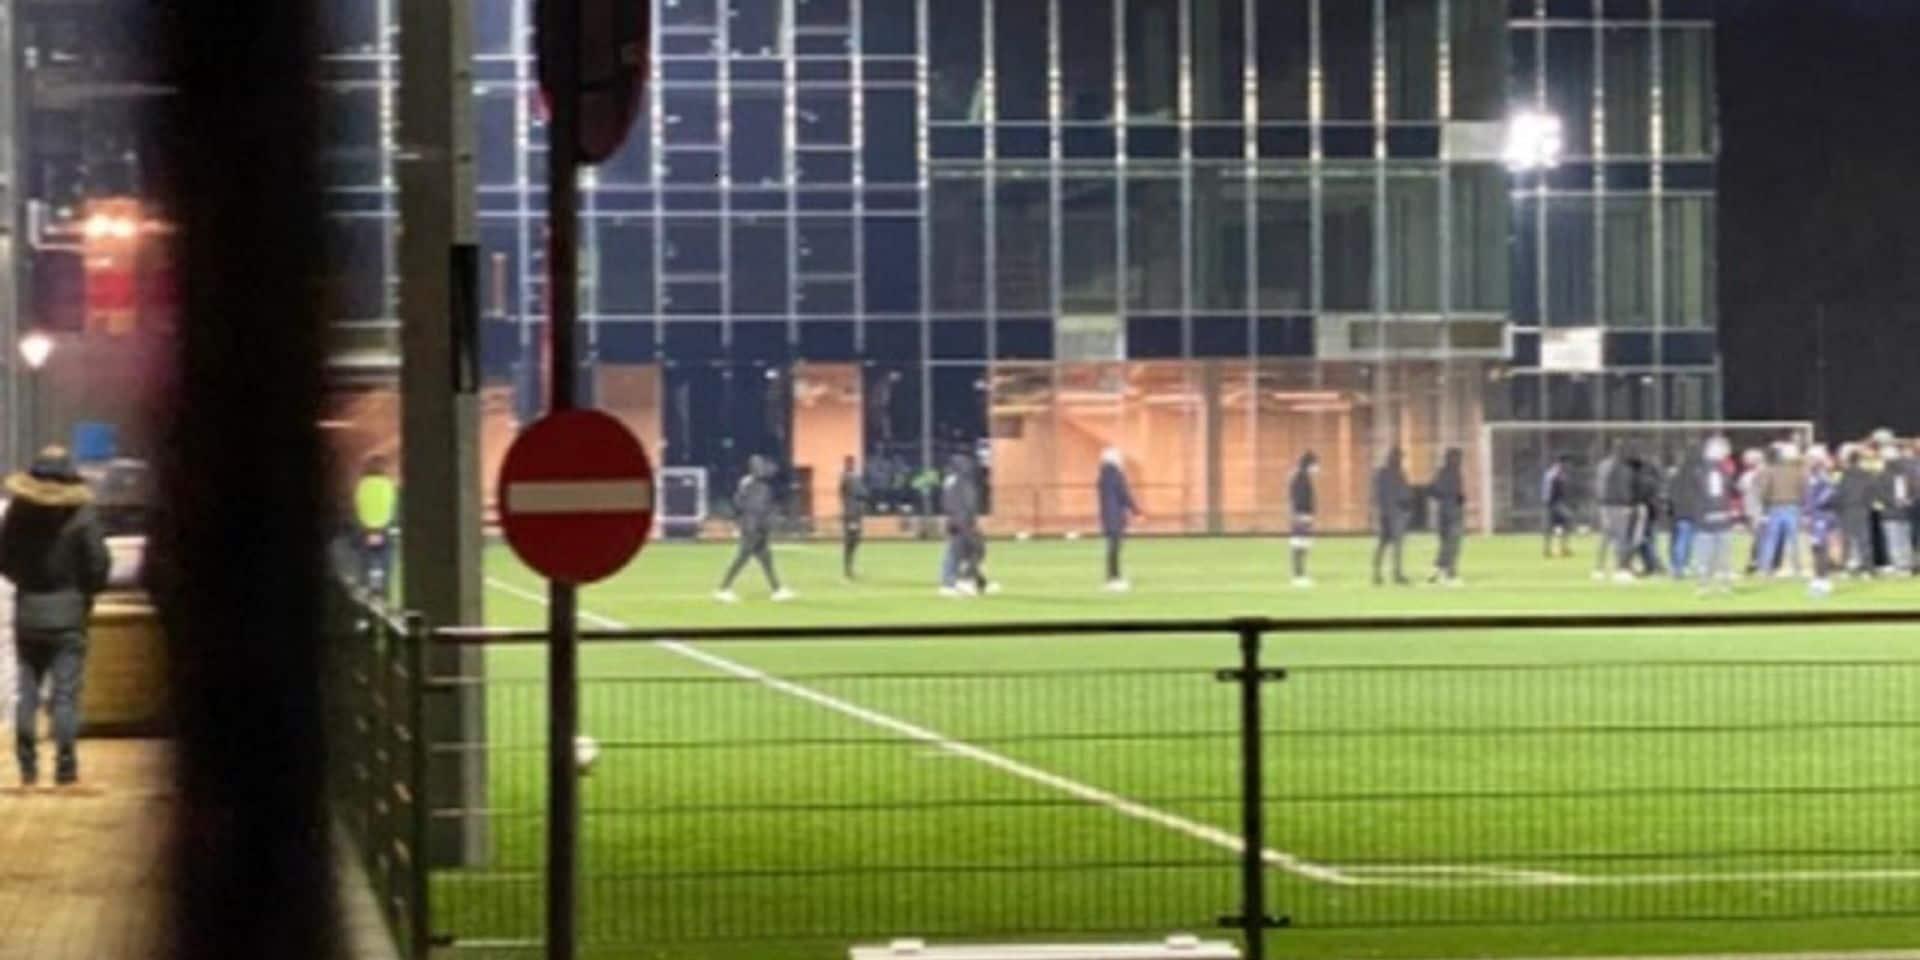 Des supporters de l'Antwerp s'en prennent à Lamkel Zé pendant l'entraînement des U21